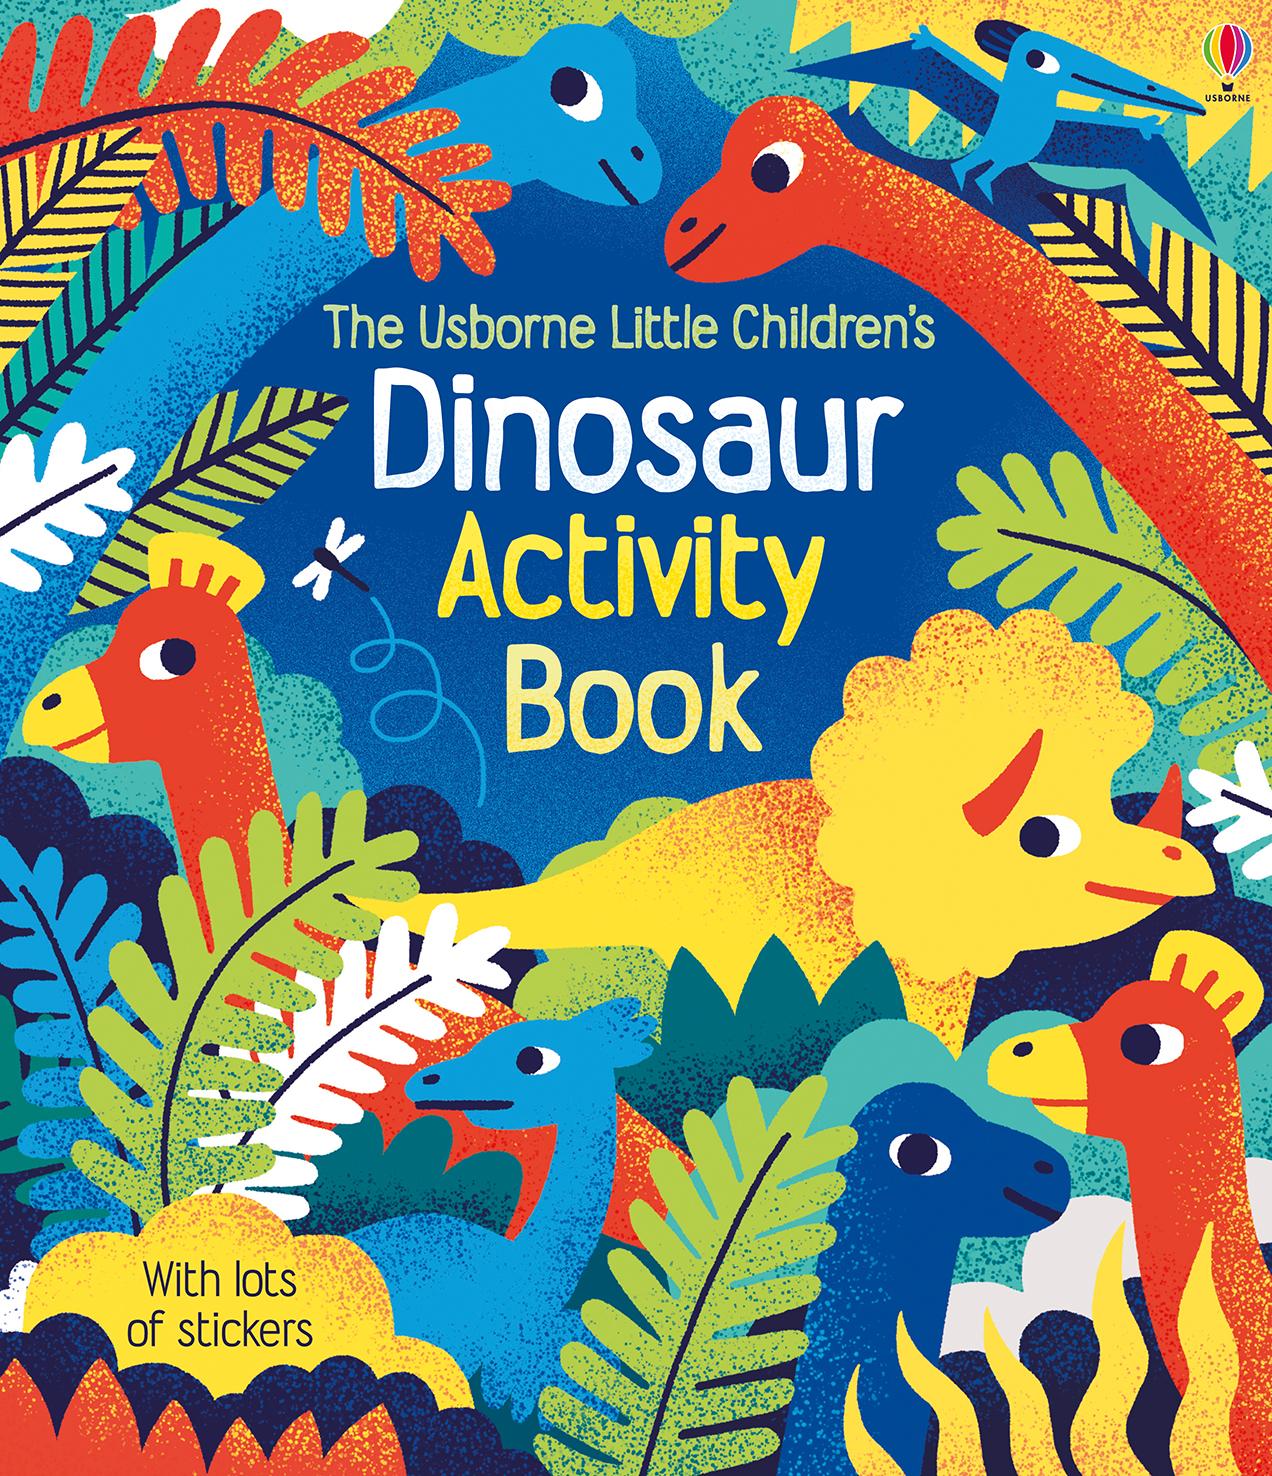 Little children's DINOSAUR activity book cover.jpg